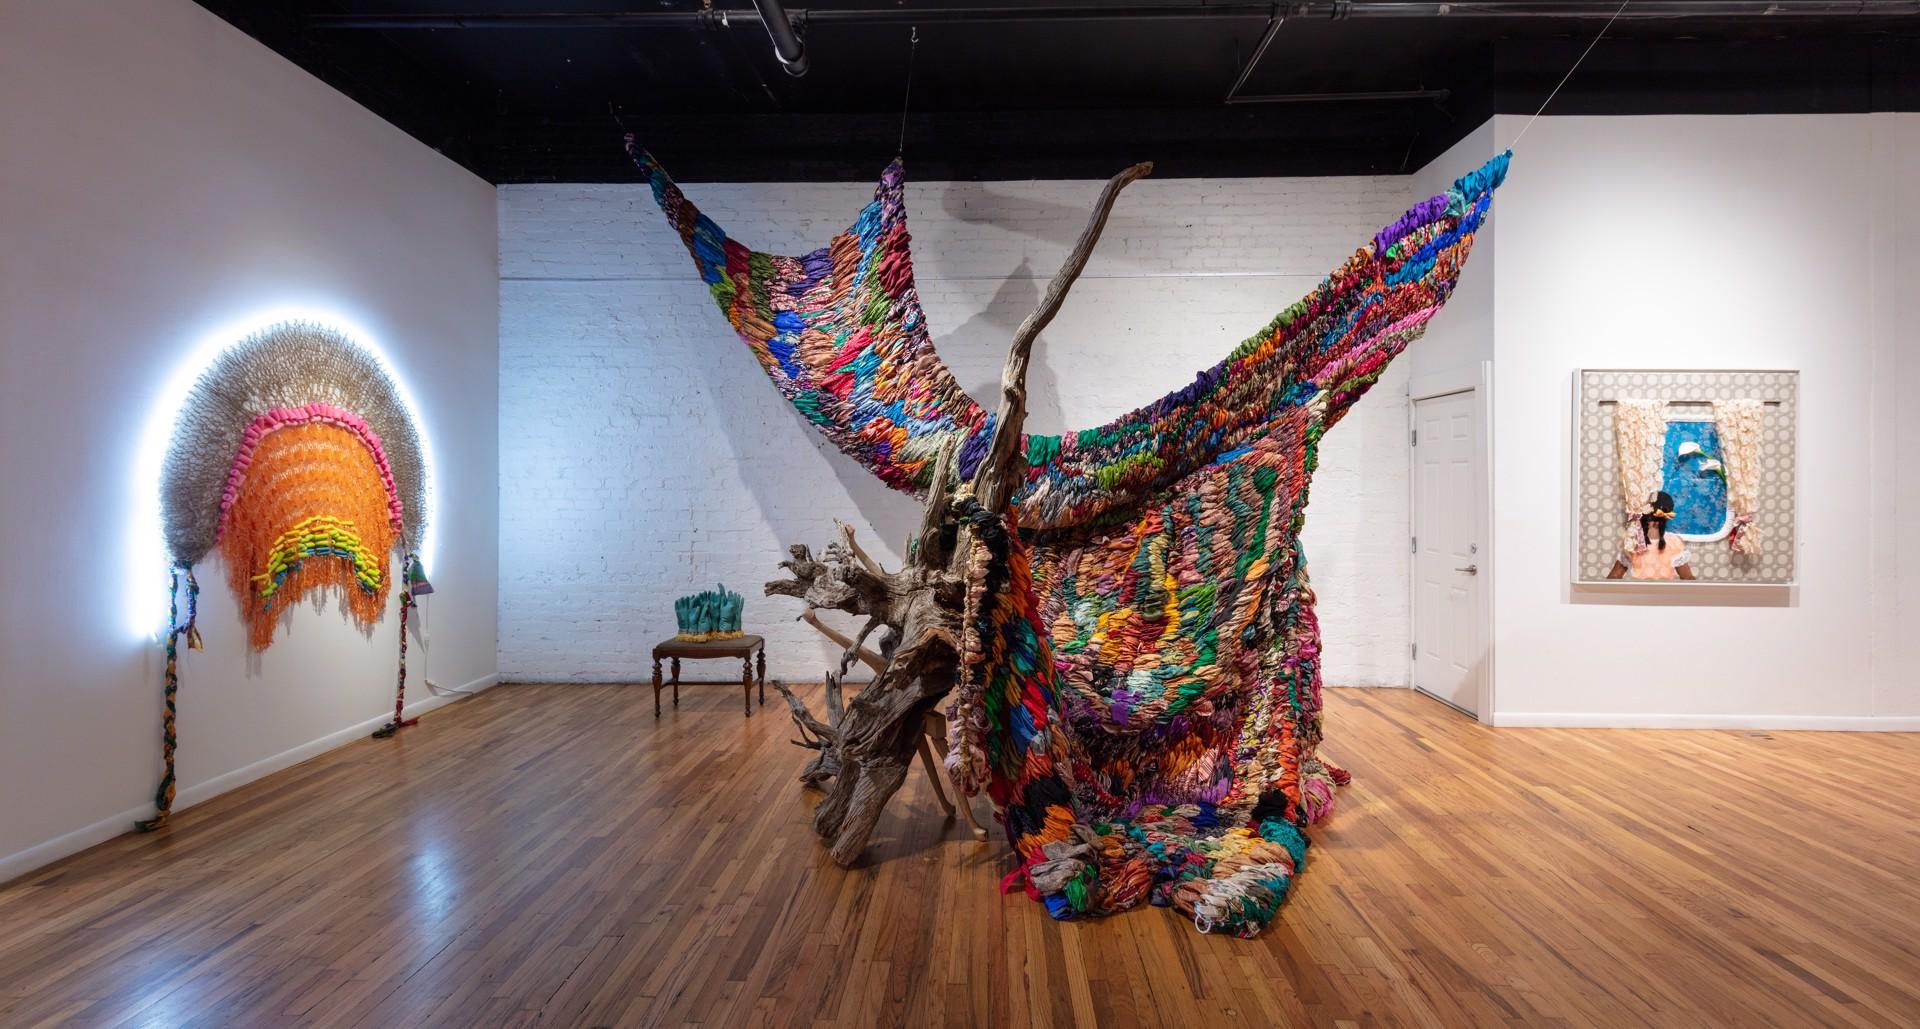 Breathing Room by Suchitra Mattai